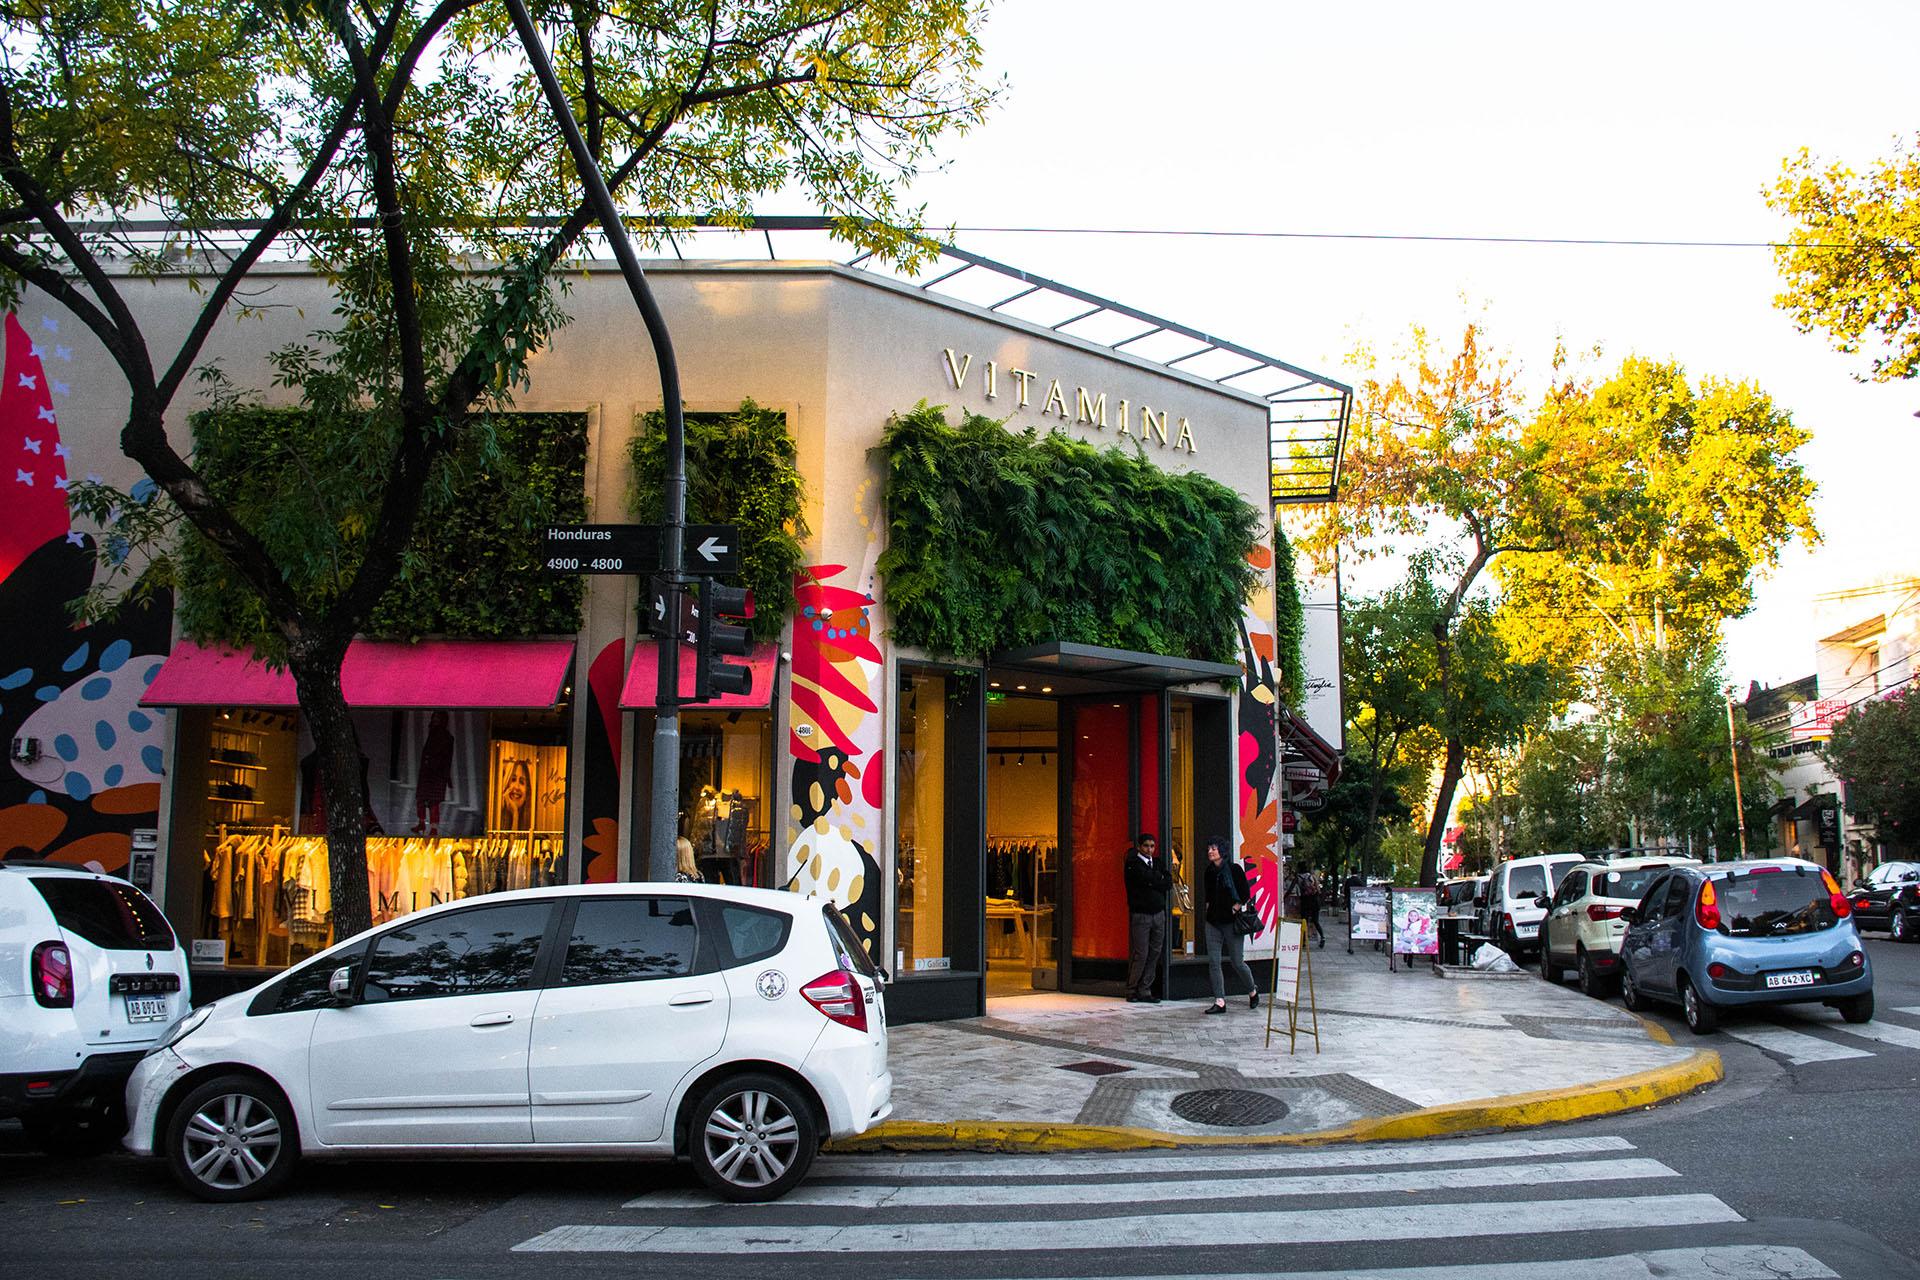 Cerca de Plaza Armenia, Palermo Soho ofrece una gran cantidad de tiendas de ropa